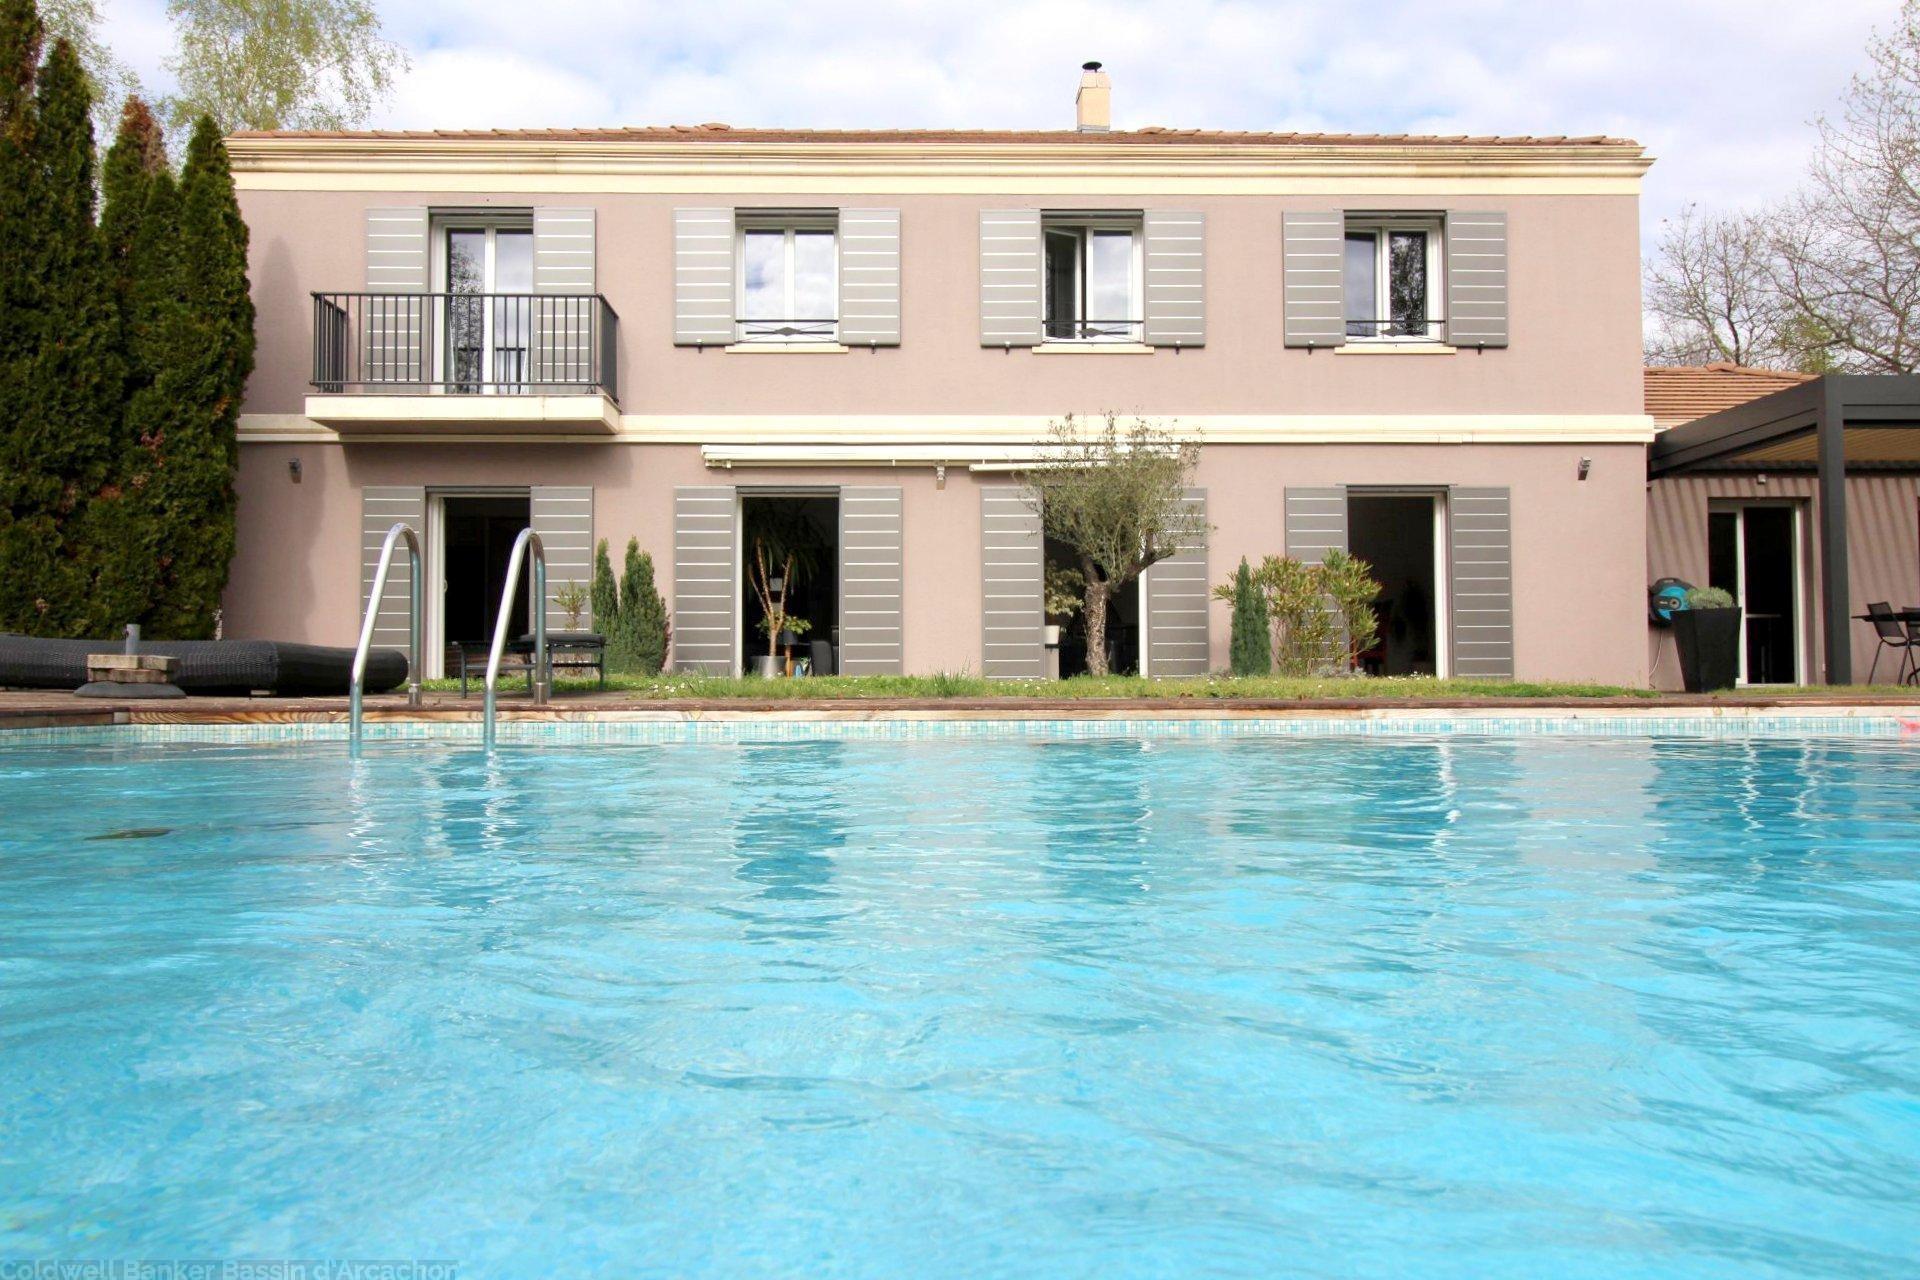 vente maison villa bordeaux pessac grande propri t sur terrain avec piscine coldwell banker. Black Bedroom Furniture Sets. Home Design Ideas